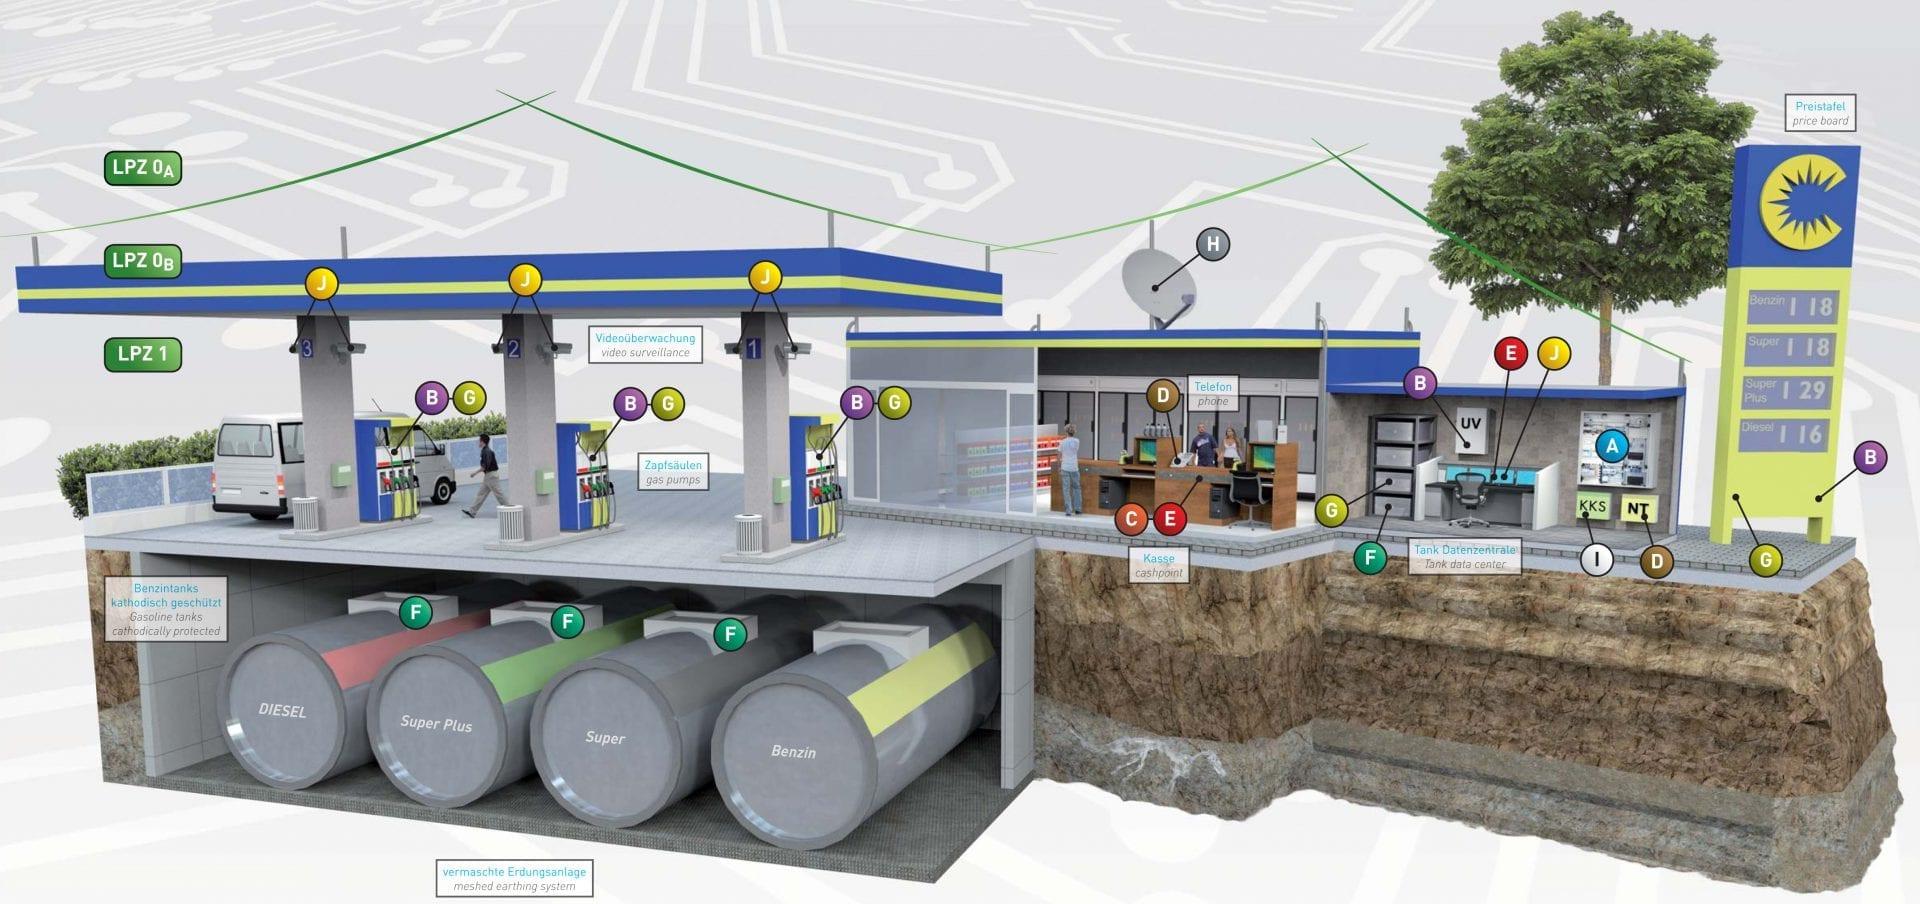 Überspannungsschutz Tankstelle